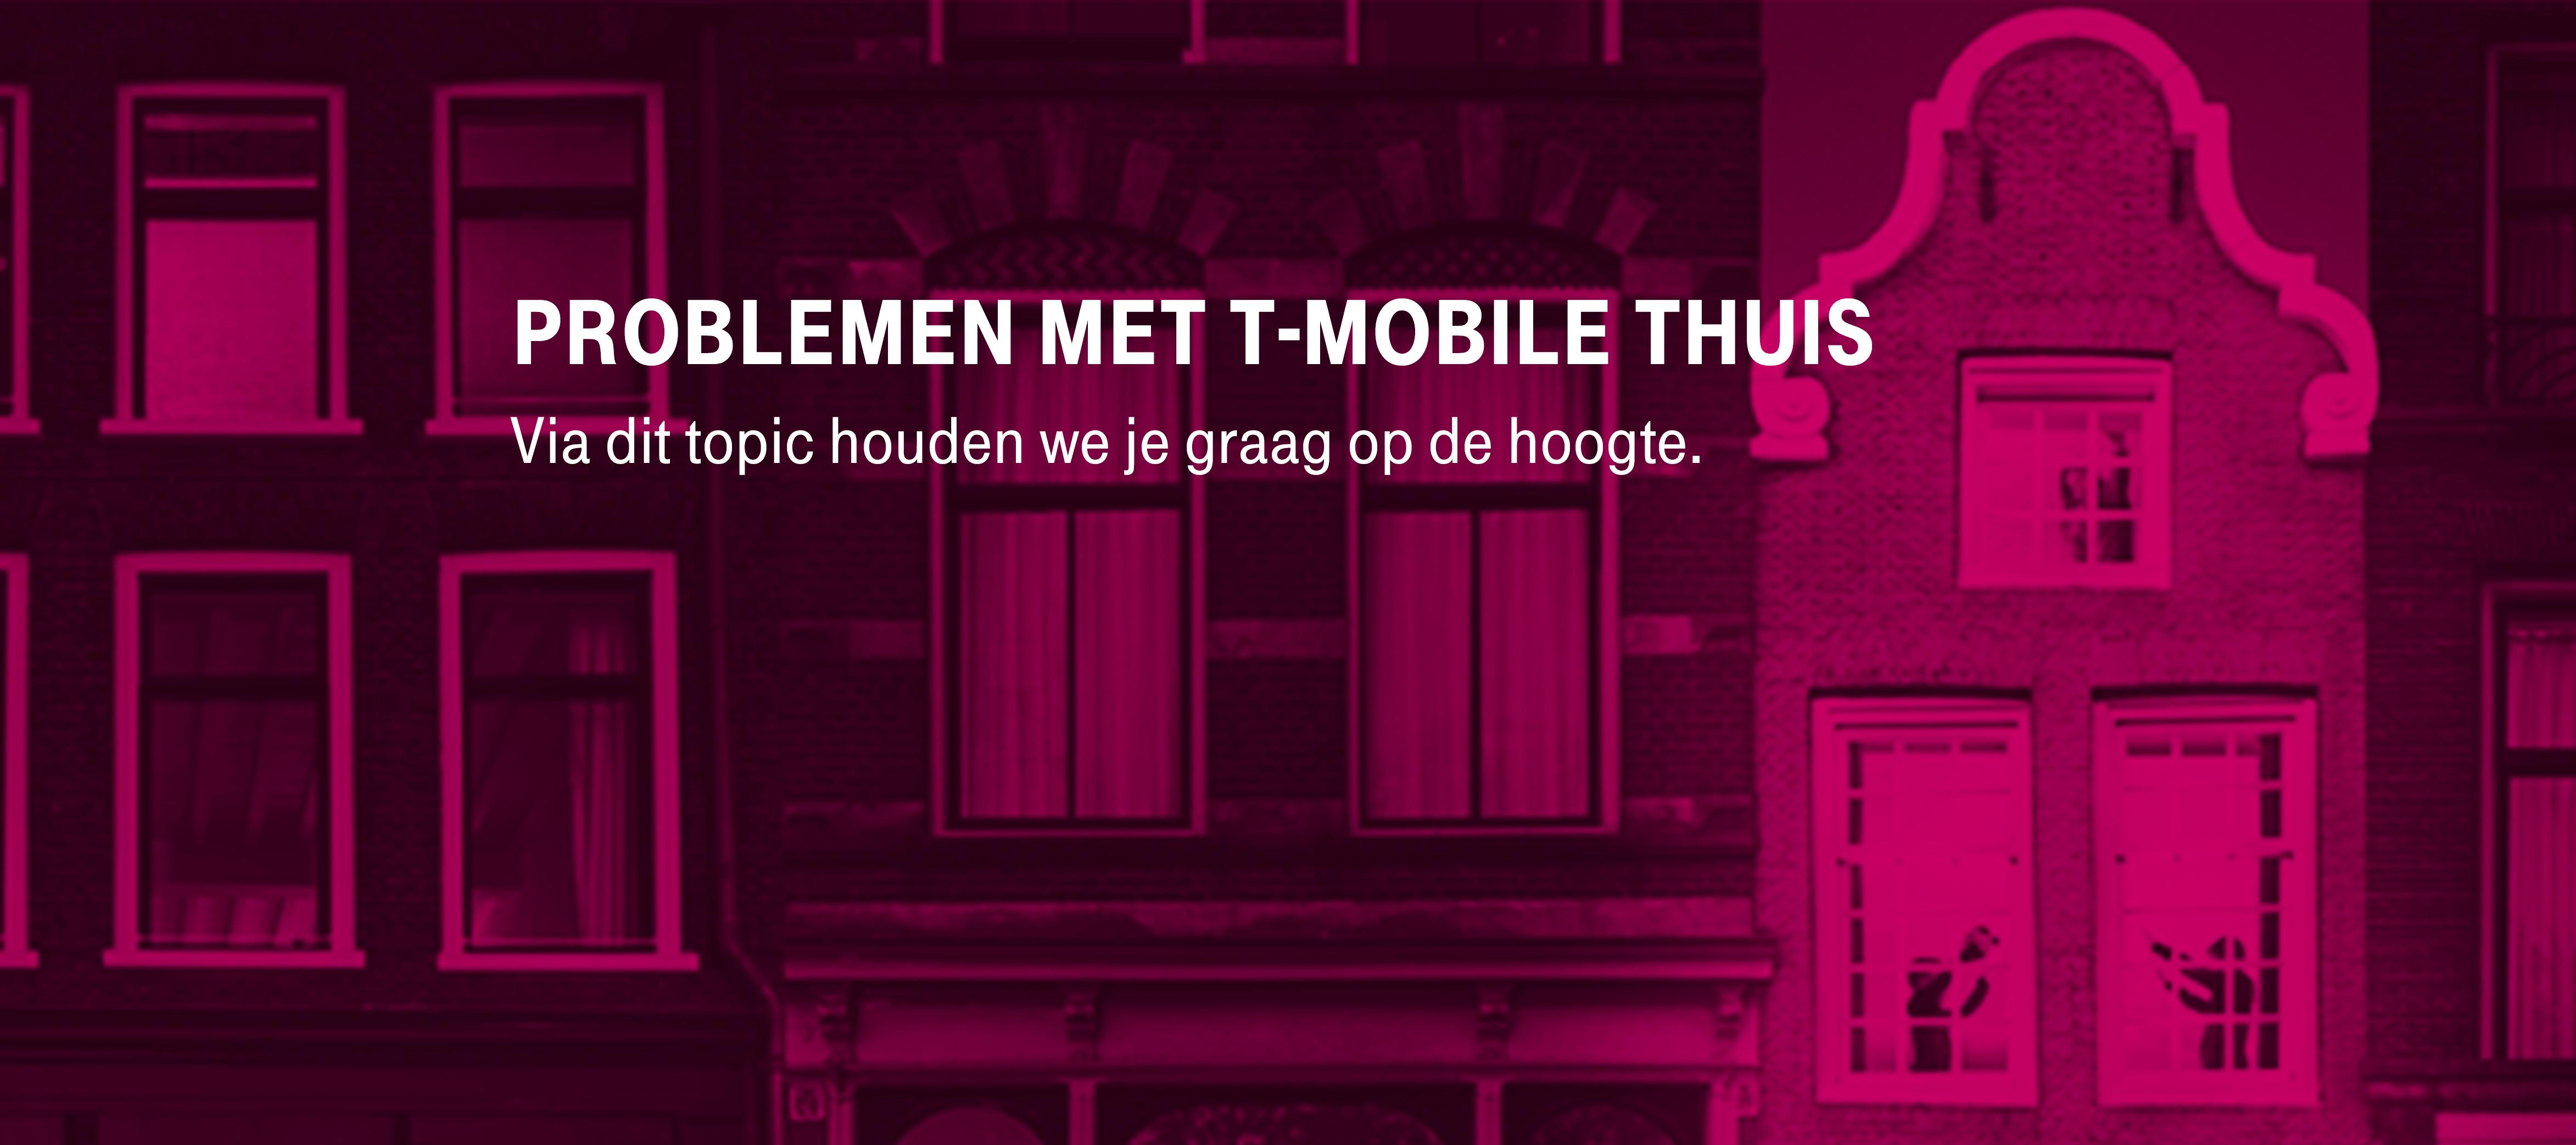 [INFO] Problemen met Internet T-Mobile Thuis